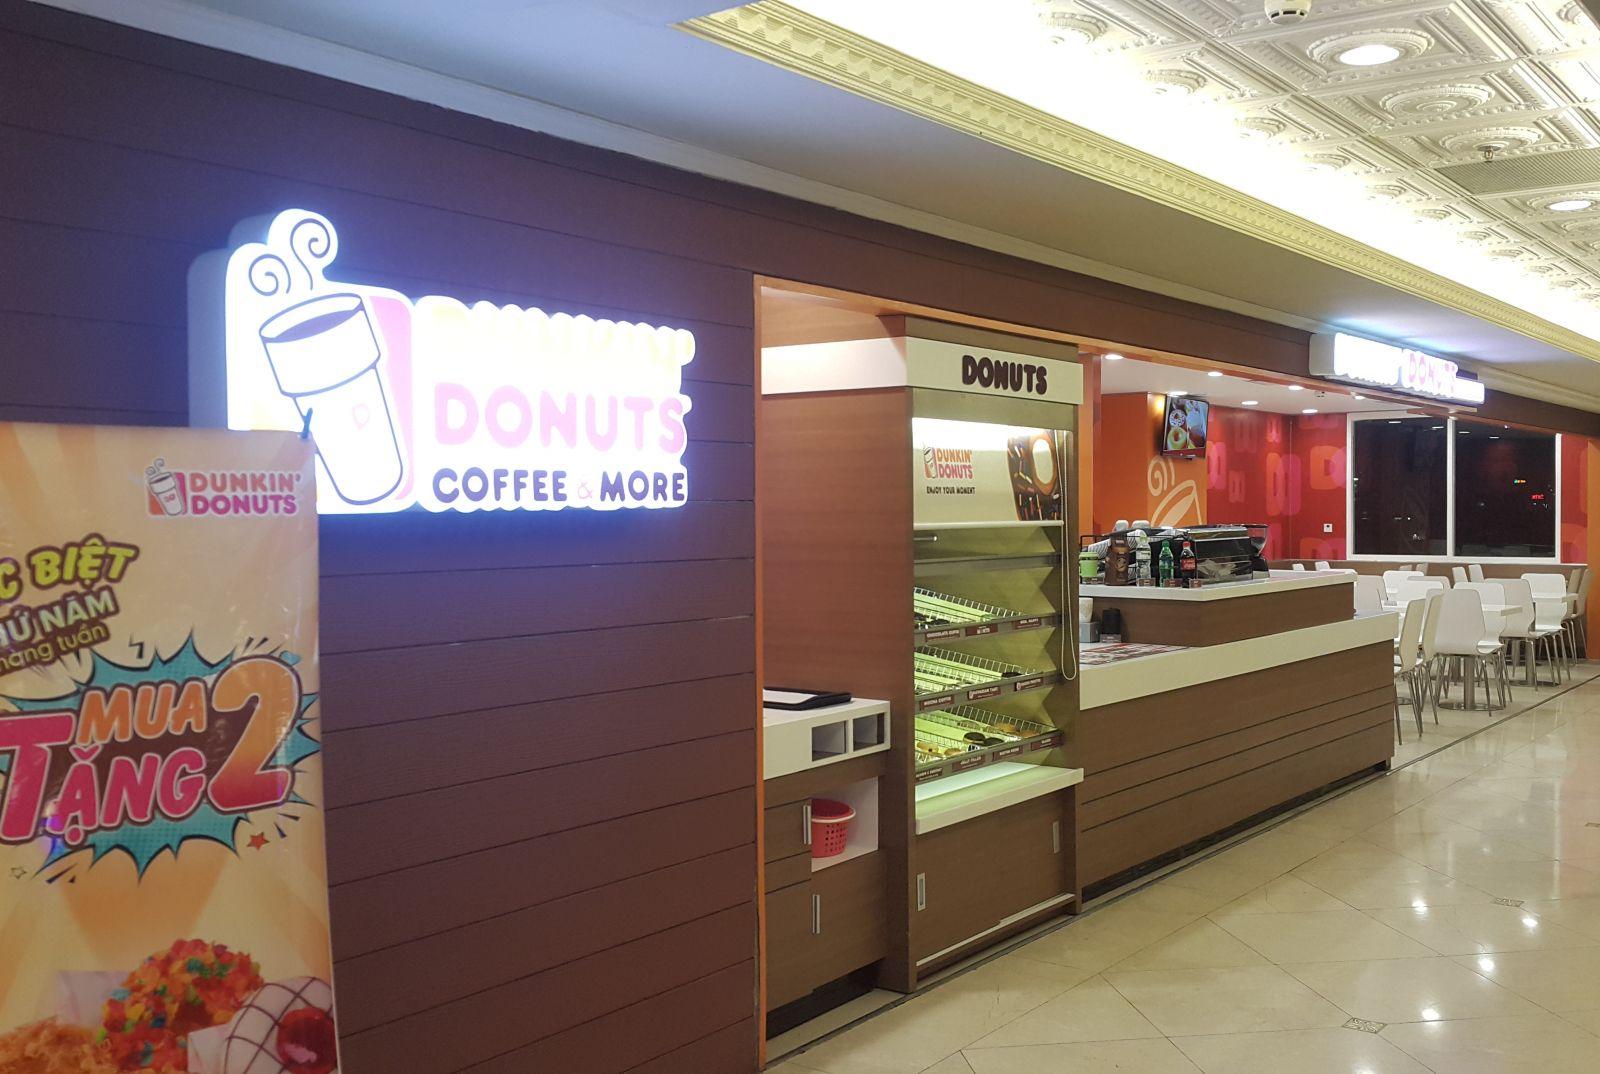 <p class='title-pro'>Dunkin Donuts - Tràng Tiền Plaza</p><div class='box_info_pro'><div class='title_inf_pro'><span>Chủ đầu tư</span>: Công ty TNHH DV thực phẩm & Giải khát Cánh Diều Xanh</div><div class='title_inf_pro'><span>Vai trò đảm nhận</span>: Nhà thầu Cơ điện</div><div class='title_inf_pro'><span>Địa điểm</span>: Tầng 5, Tràng Tiền Plaza - 24 Hai Bà Trưng, Q.Hoàn Kiếm, Hà Nội</div><div class='title_inf_pro'><span>Thời gian hoàn thành</span>: </div><p class='box-work'><span>Hạng mục công việc</span>: Cung cấp và thi công lắp đặt hệ thống Điện, điện nhẹ, cấp thoát nước & điều hòa thông gió.</p></div>